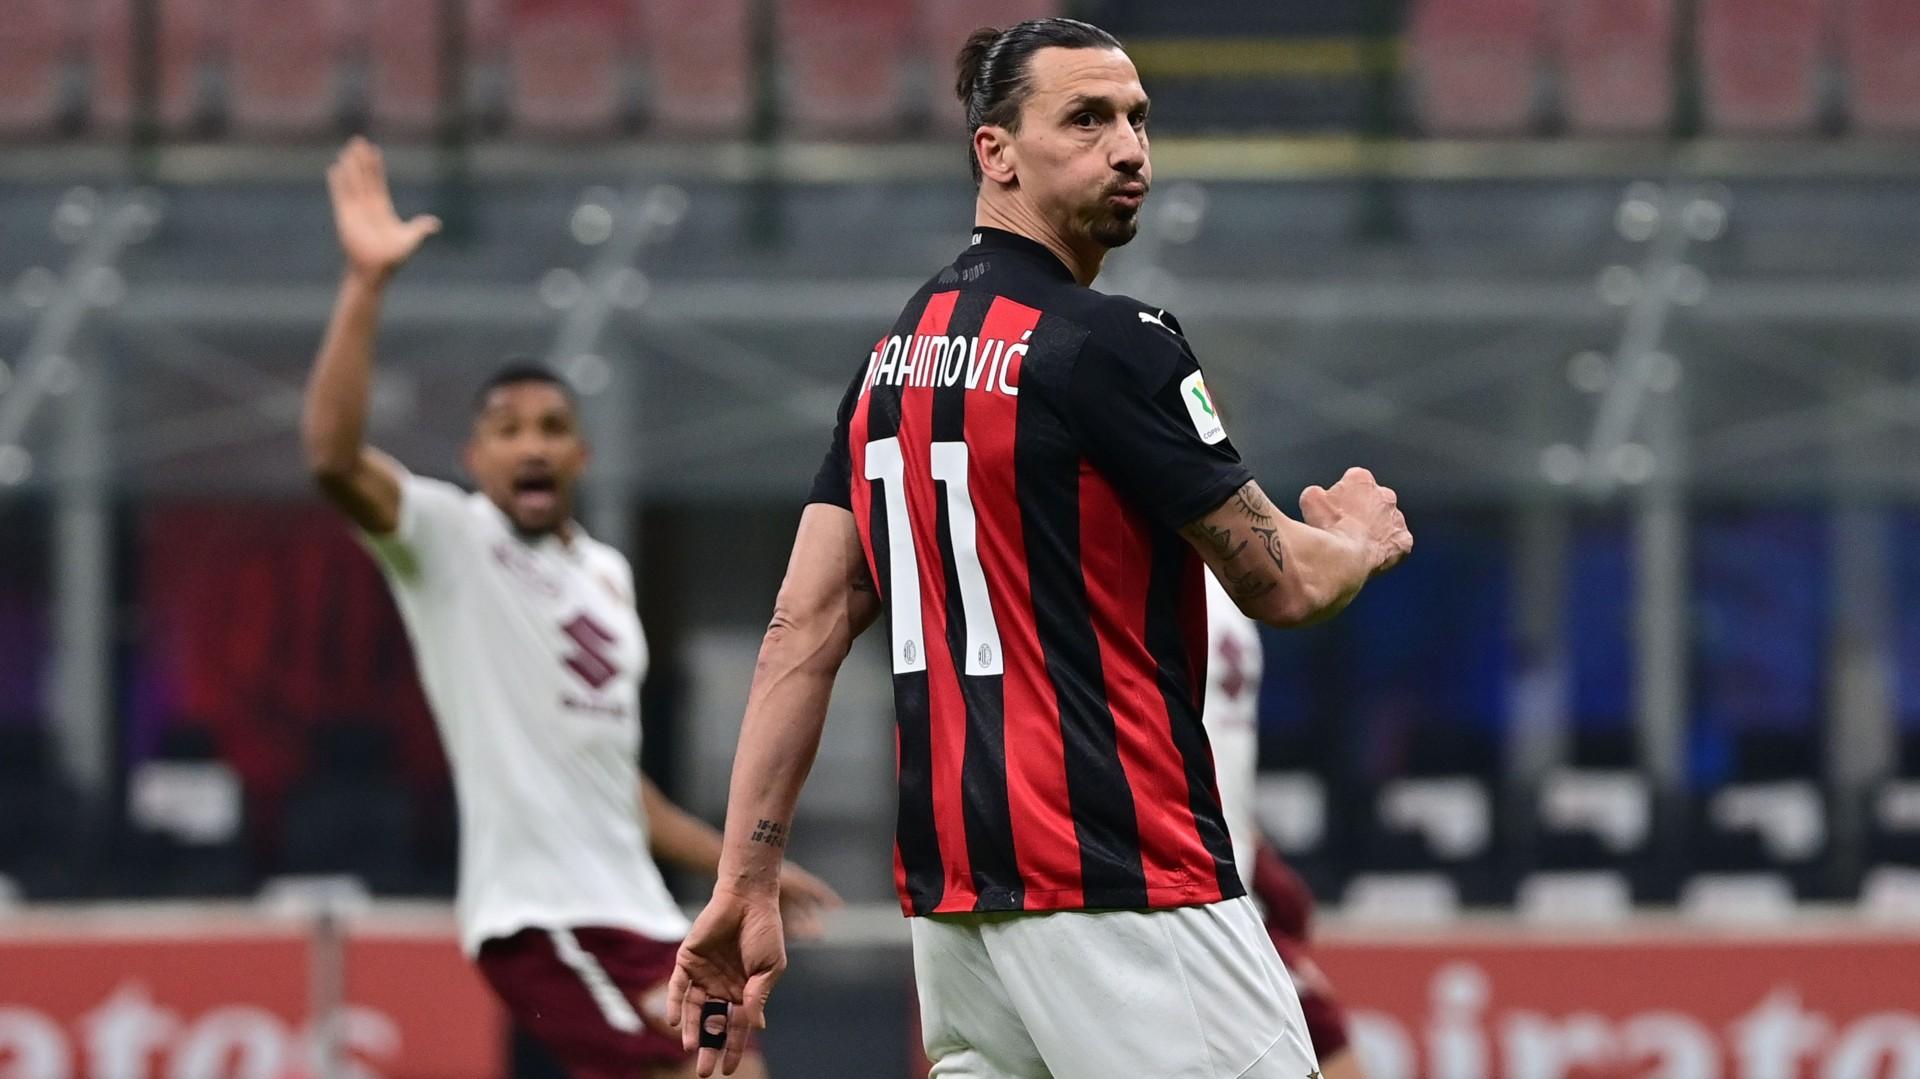 Milan-Torino, Ibrahimovic in campo dopo 51 giorni: 45' per ricominciare |  Goal.com